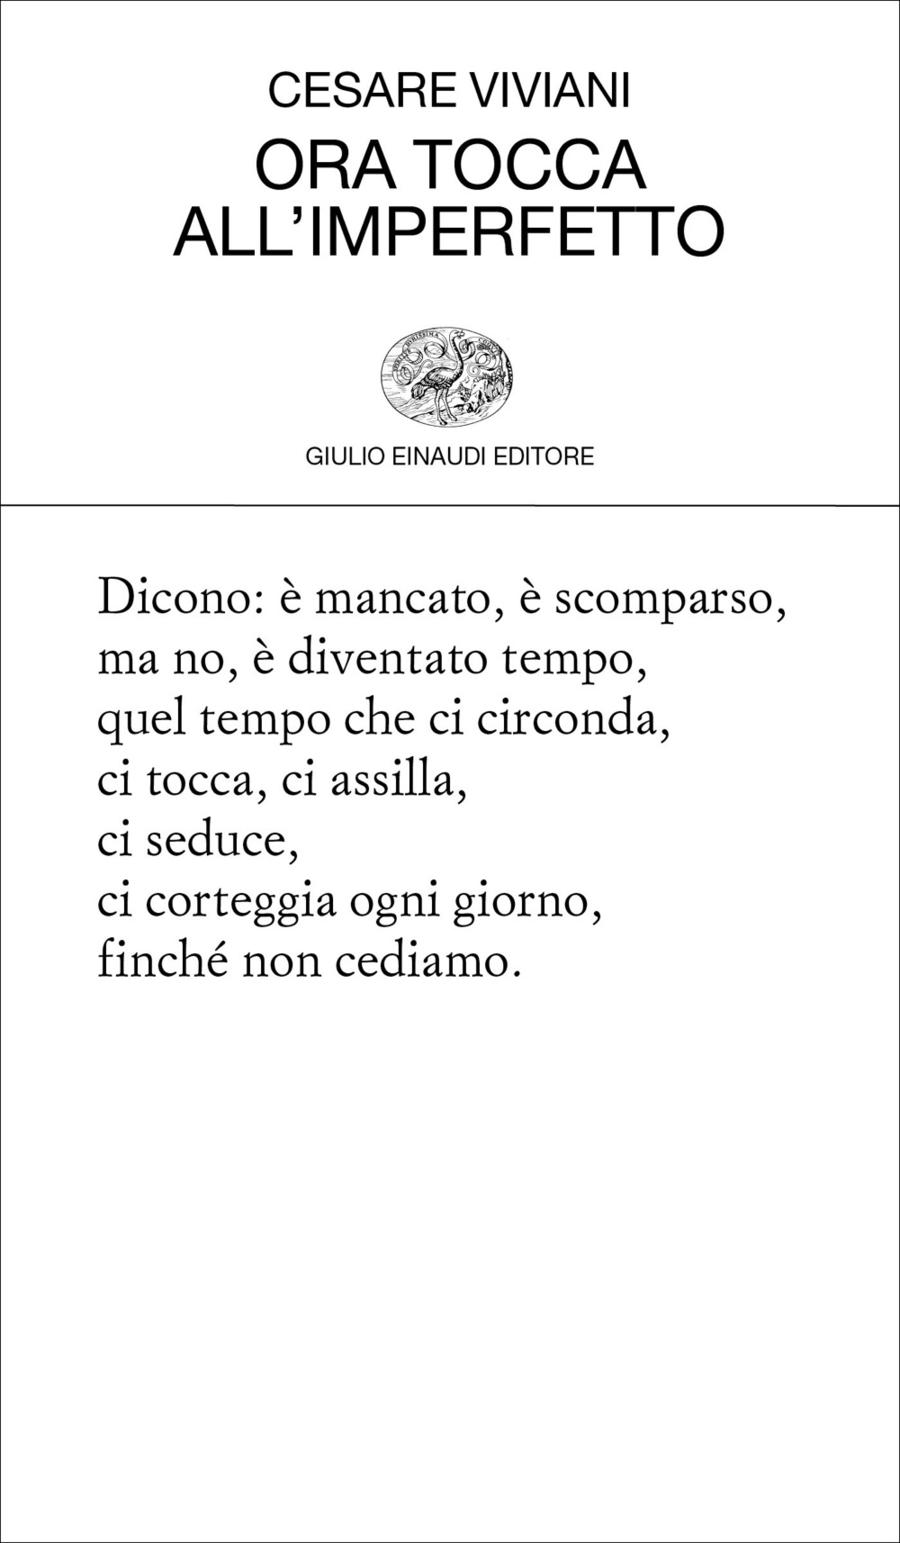 poesie-015